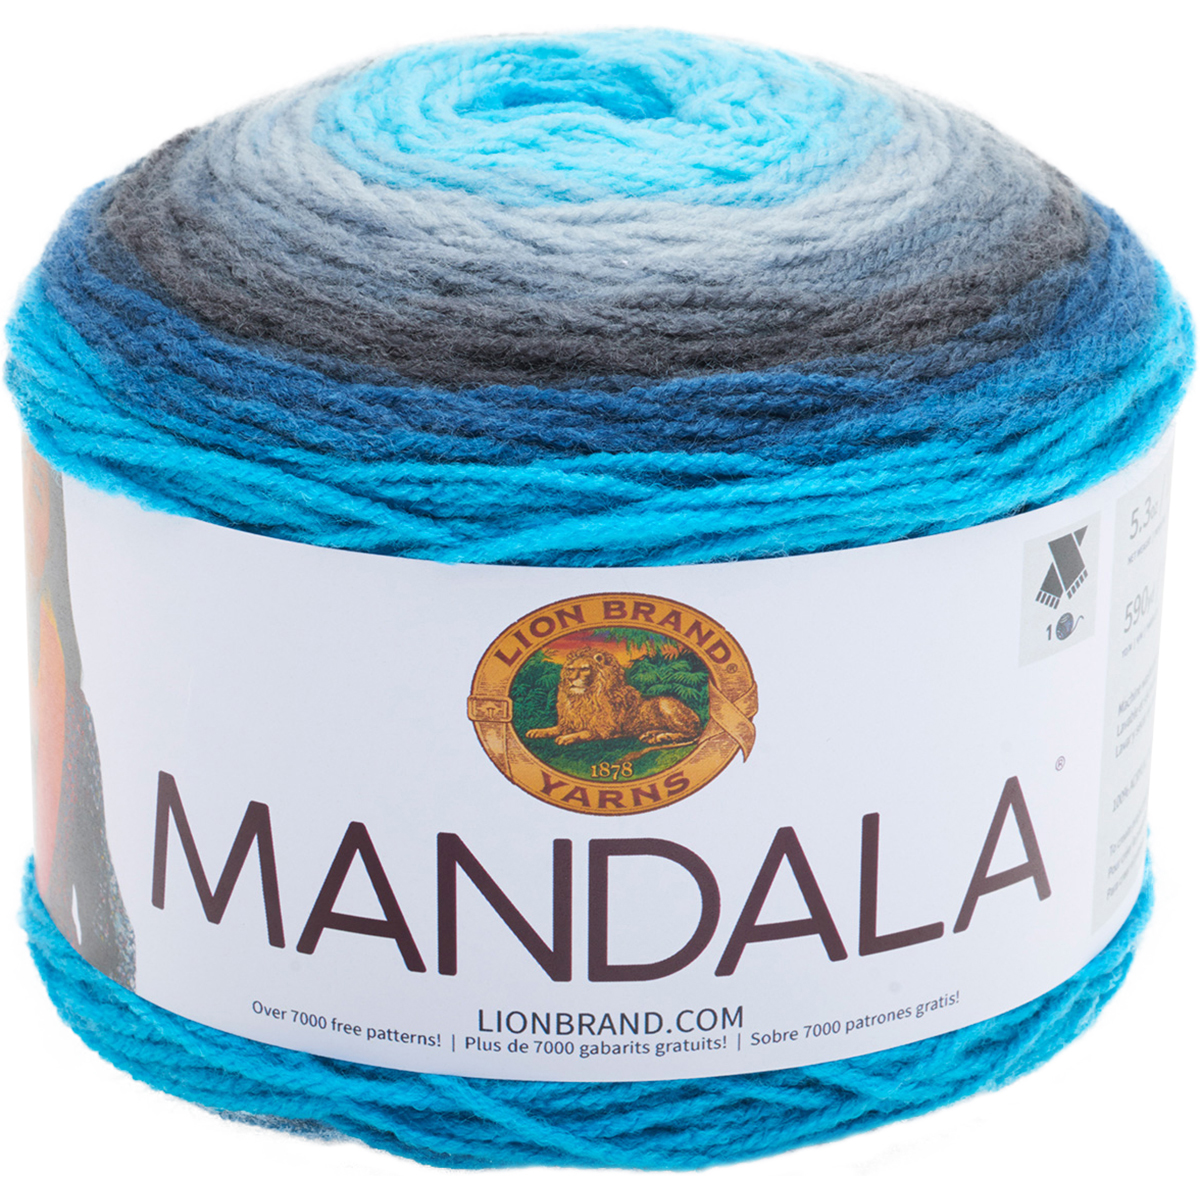 Lion Brand Yarns Mandala Acrylic Spirit Yarn, 1 Each